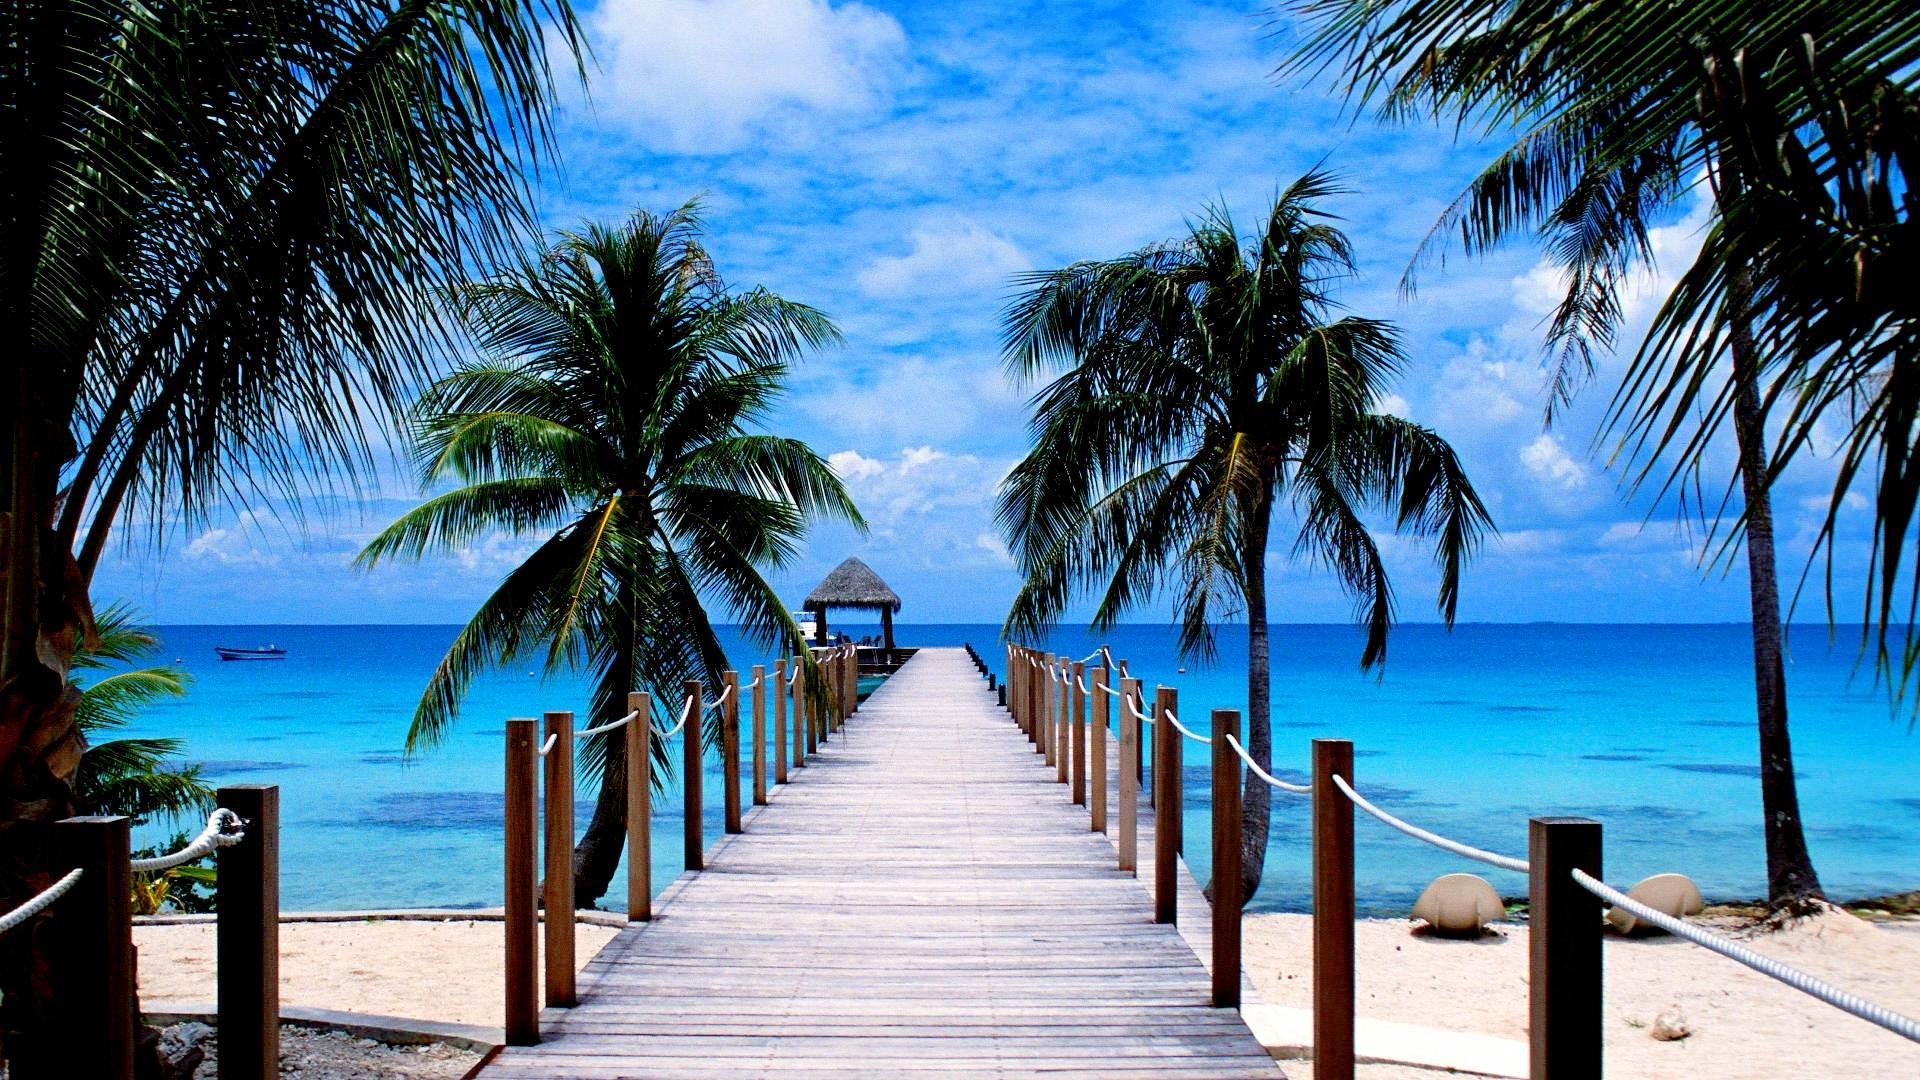 Pier Tropical Ocean Palm Tree Horizon Wallpaper   Data-src - Summer Beach Backgrounds - HD Wallpaper